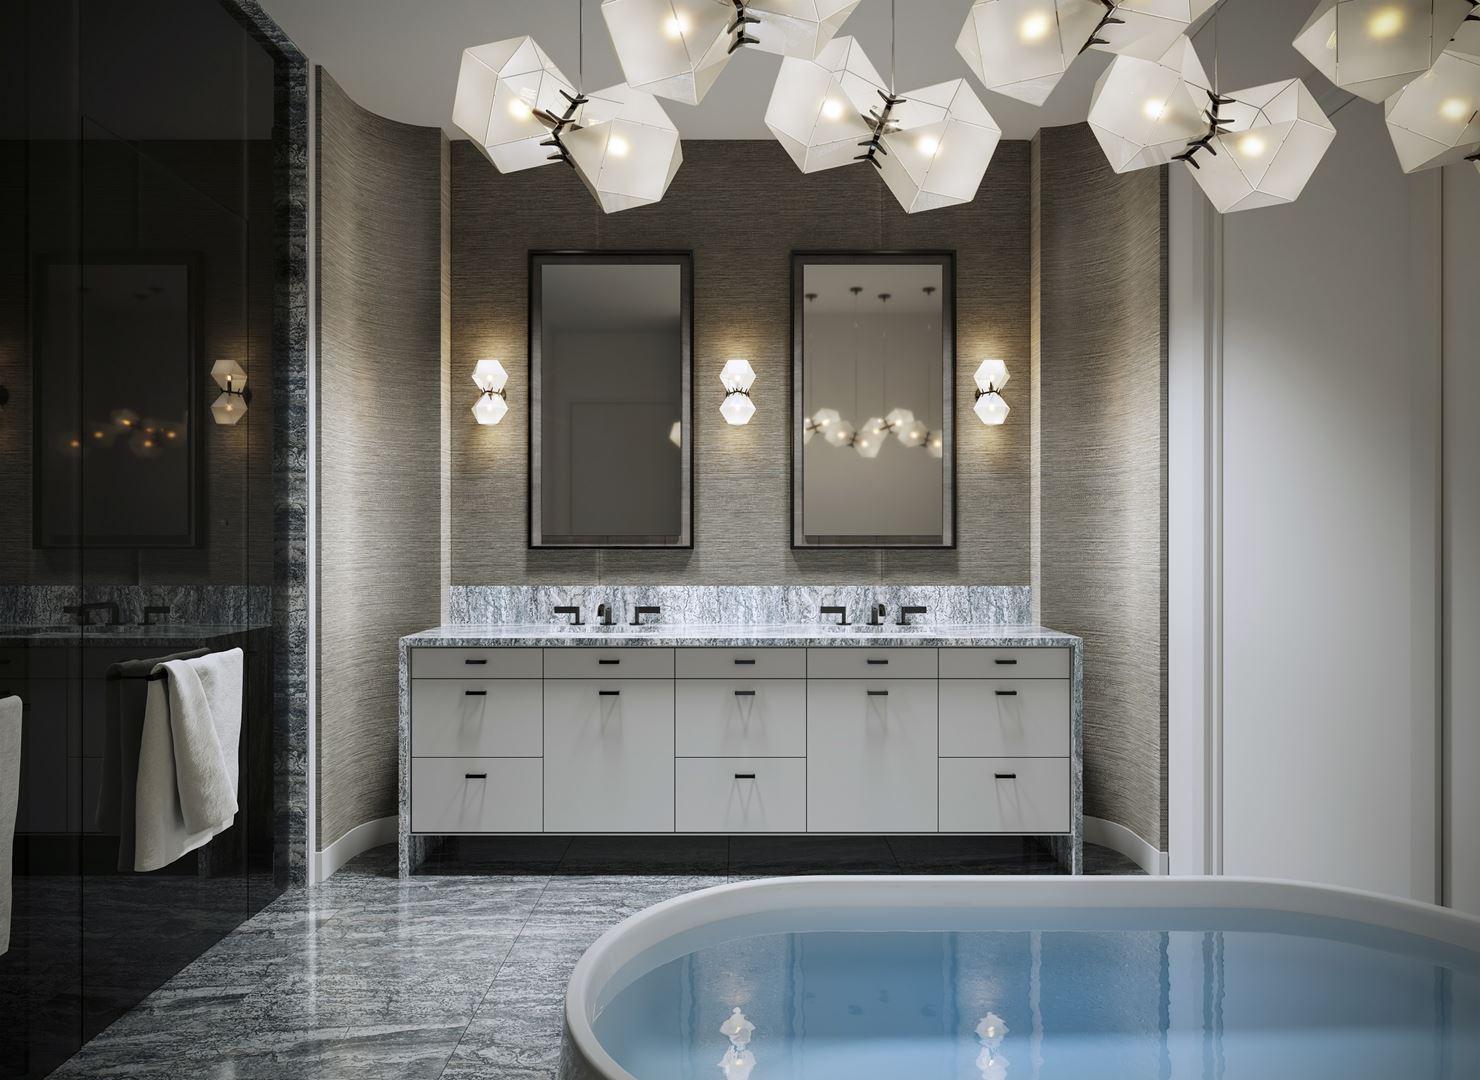 Rendering of 10 Prince Arthur Condos Bathroom.